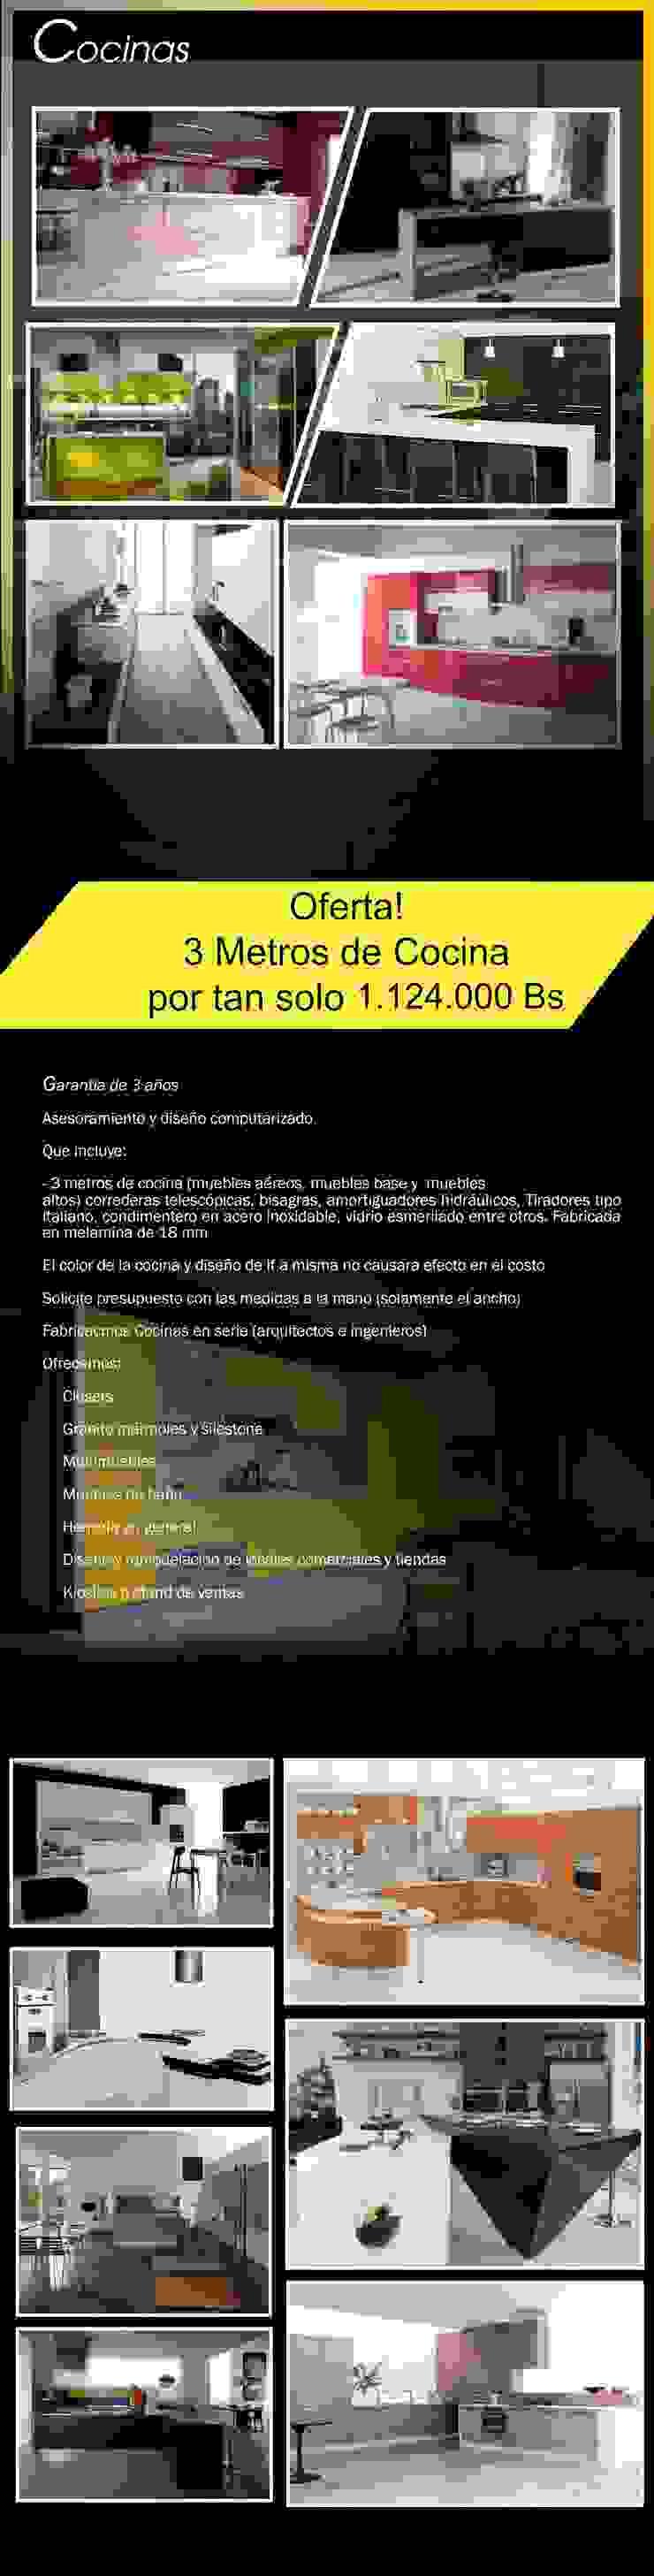 Empotrado de cocina: muebles aereos, base, torres de horno, torres nevera, etc... de Filippo Cucine C.A. Moderno Compuestos de madera y plástico